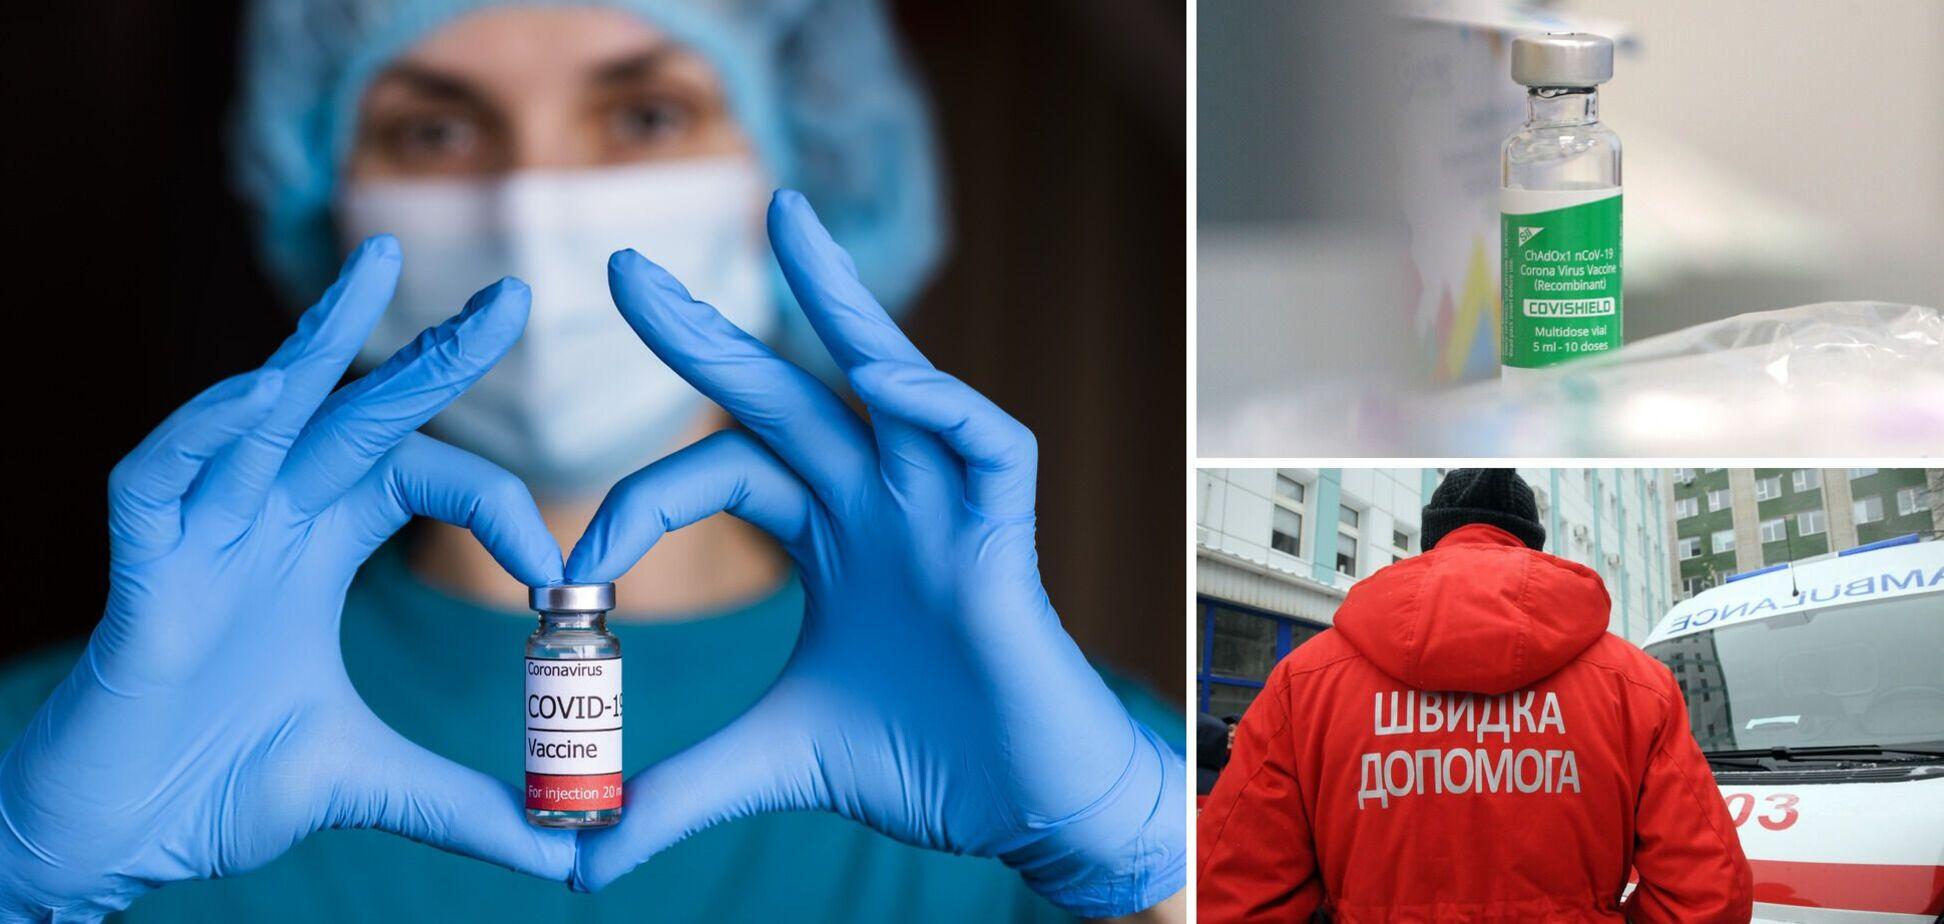 Что будет после прививки вакциной CoviShield? Врачи рассказали о своем опыте и обратились к украинцам